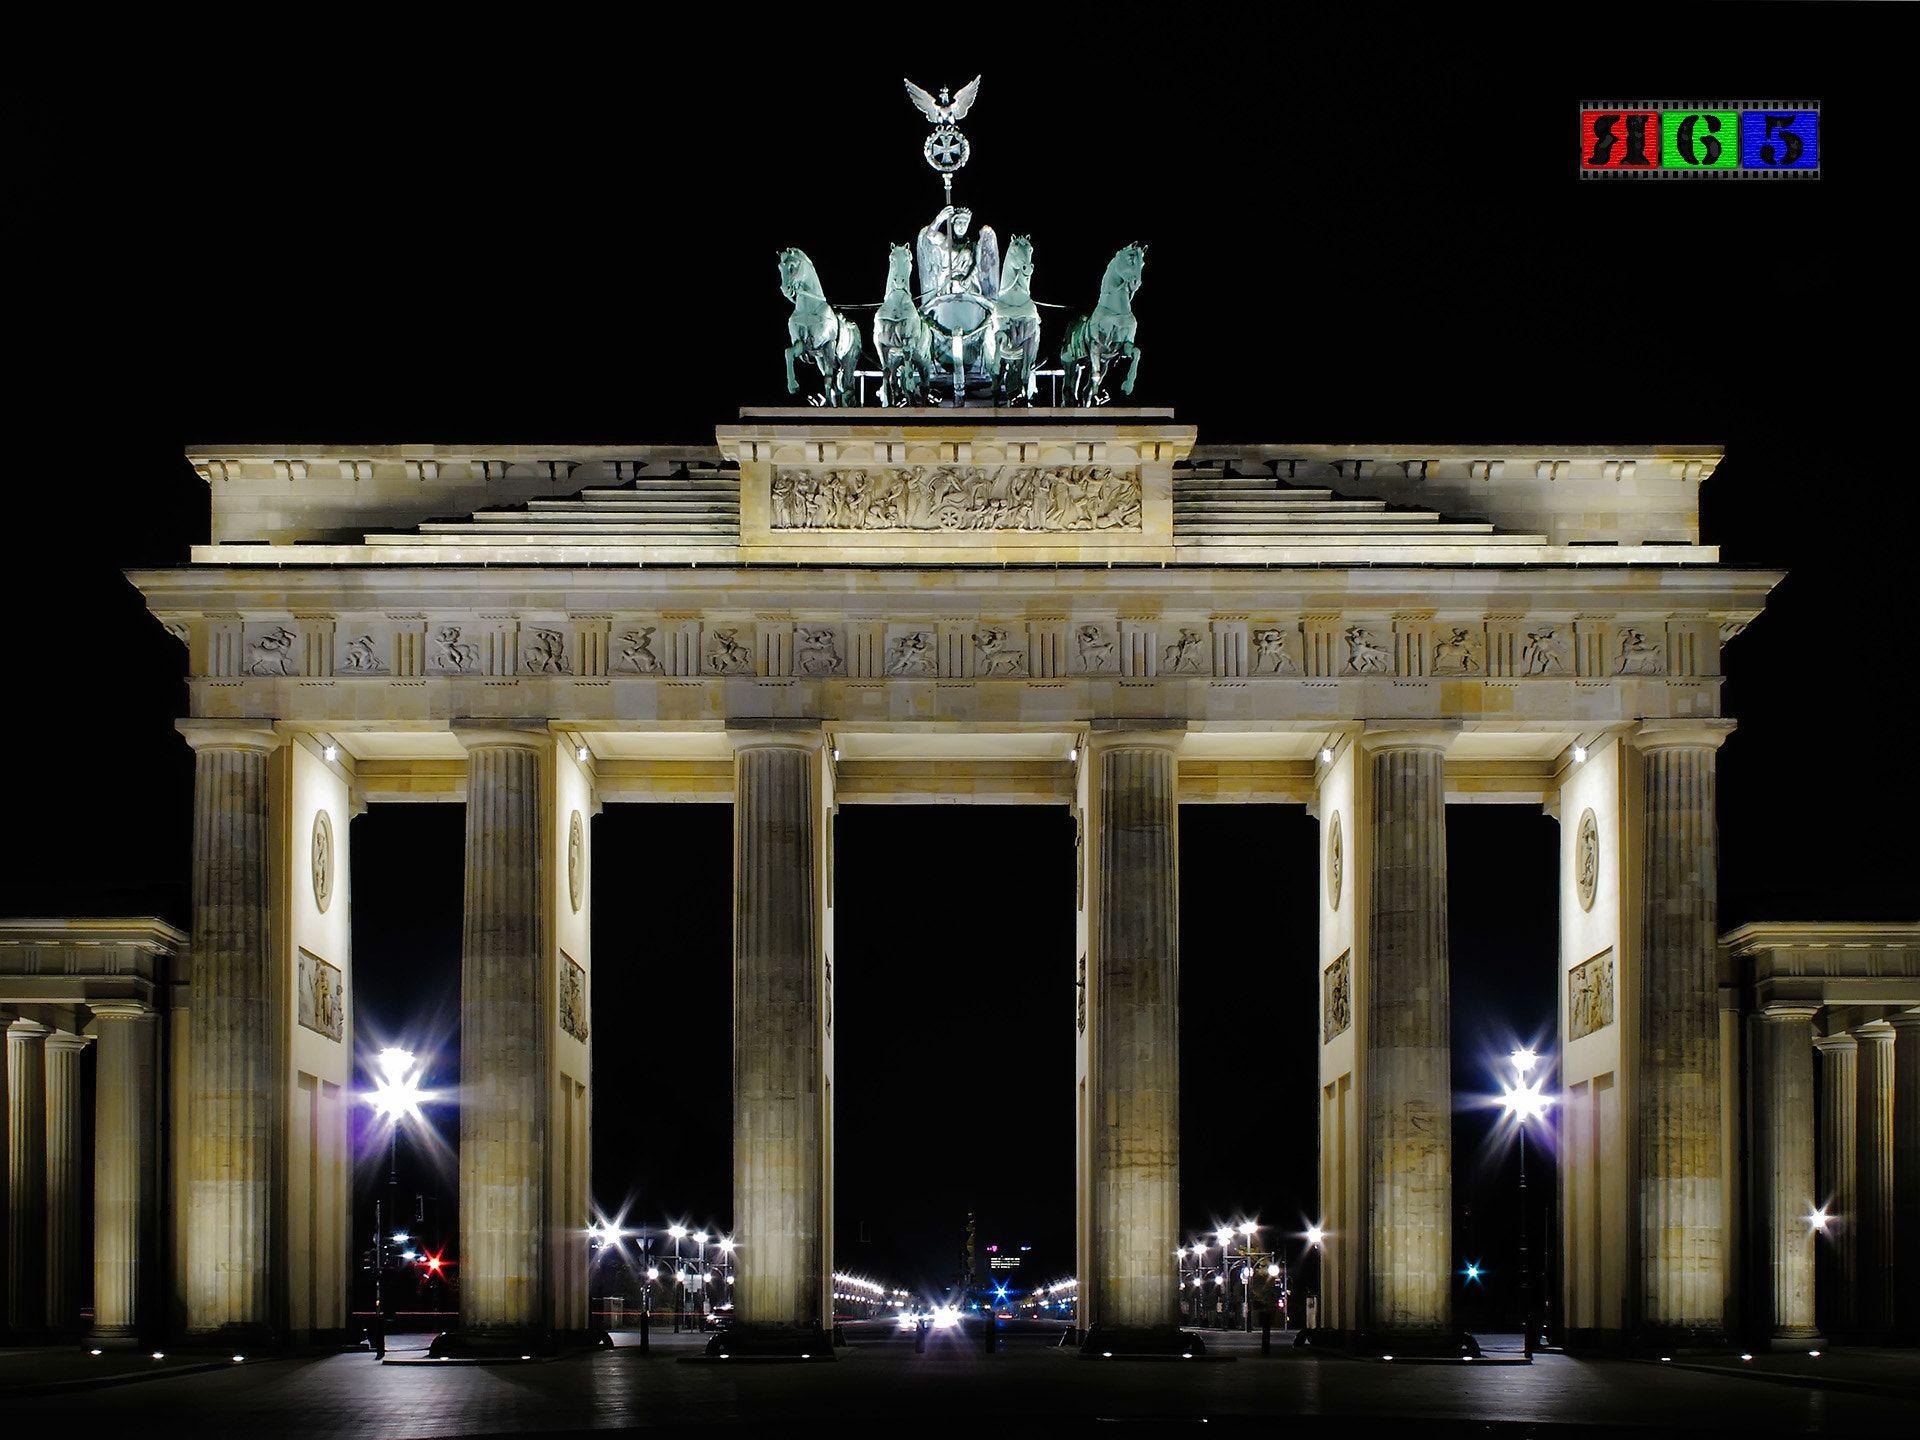 D Berlin Brandenburger Tor At Night By Artiage Ernststrasser Deutschland Germany Berlin Brandenburg Brandenburg Deutschland Germany